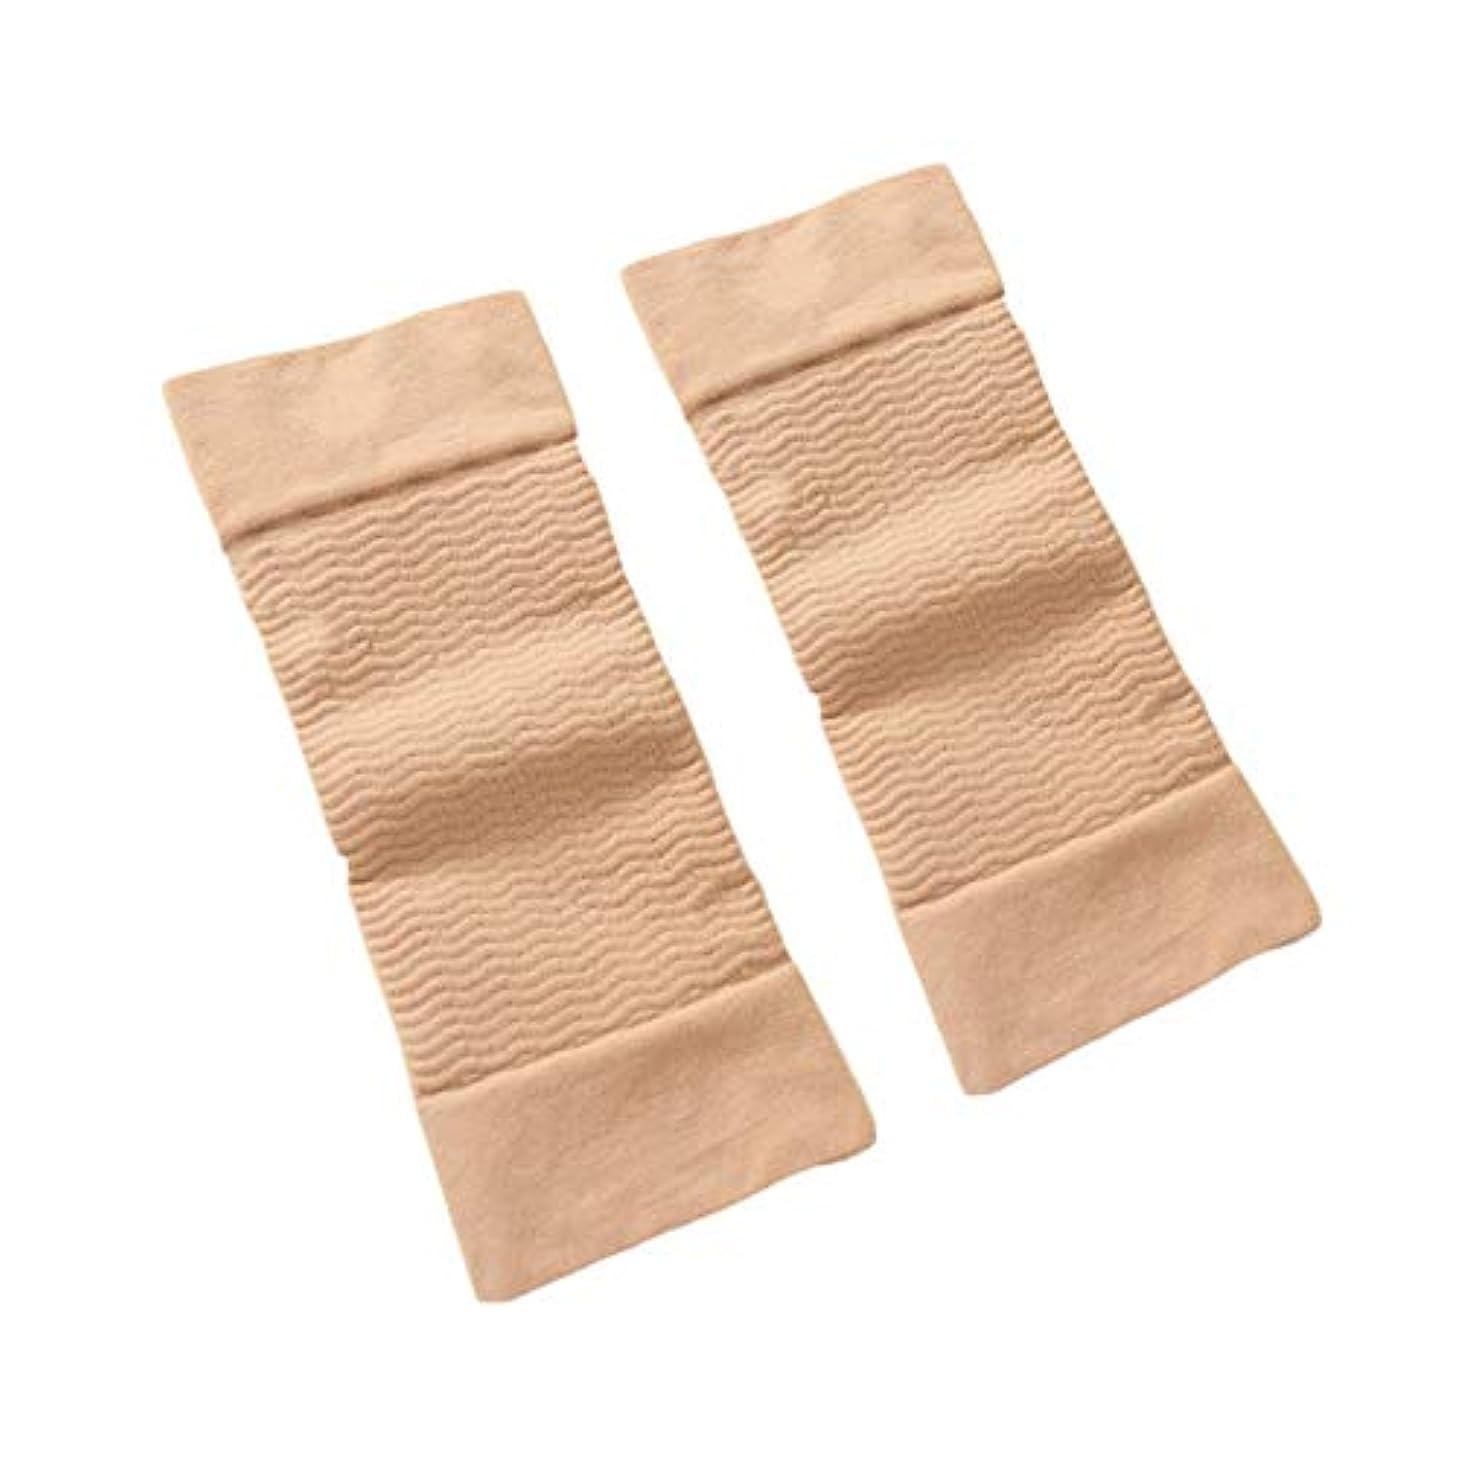 優れましたゆりかご政策1ペア420 D圧縮痩身アームスリーブワークアウトトーニングバーンセルライトシェイパー脂肪燃焼袖用女性 - 肌色